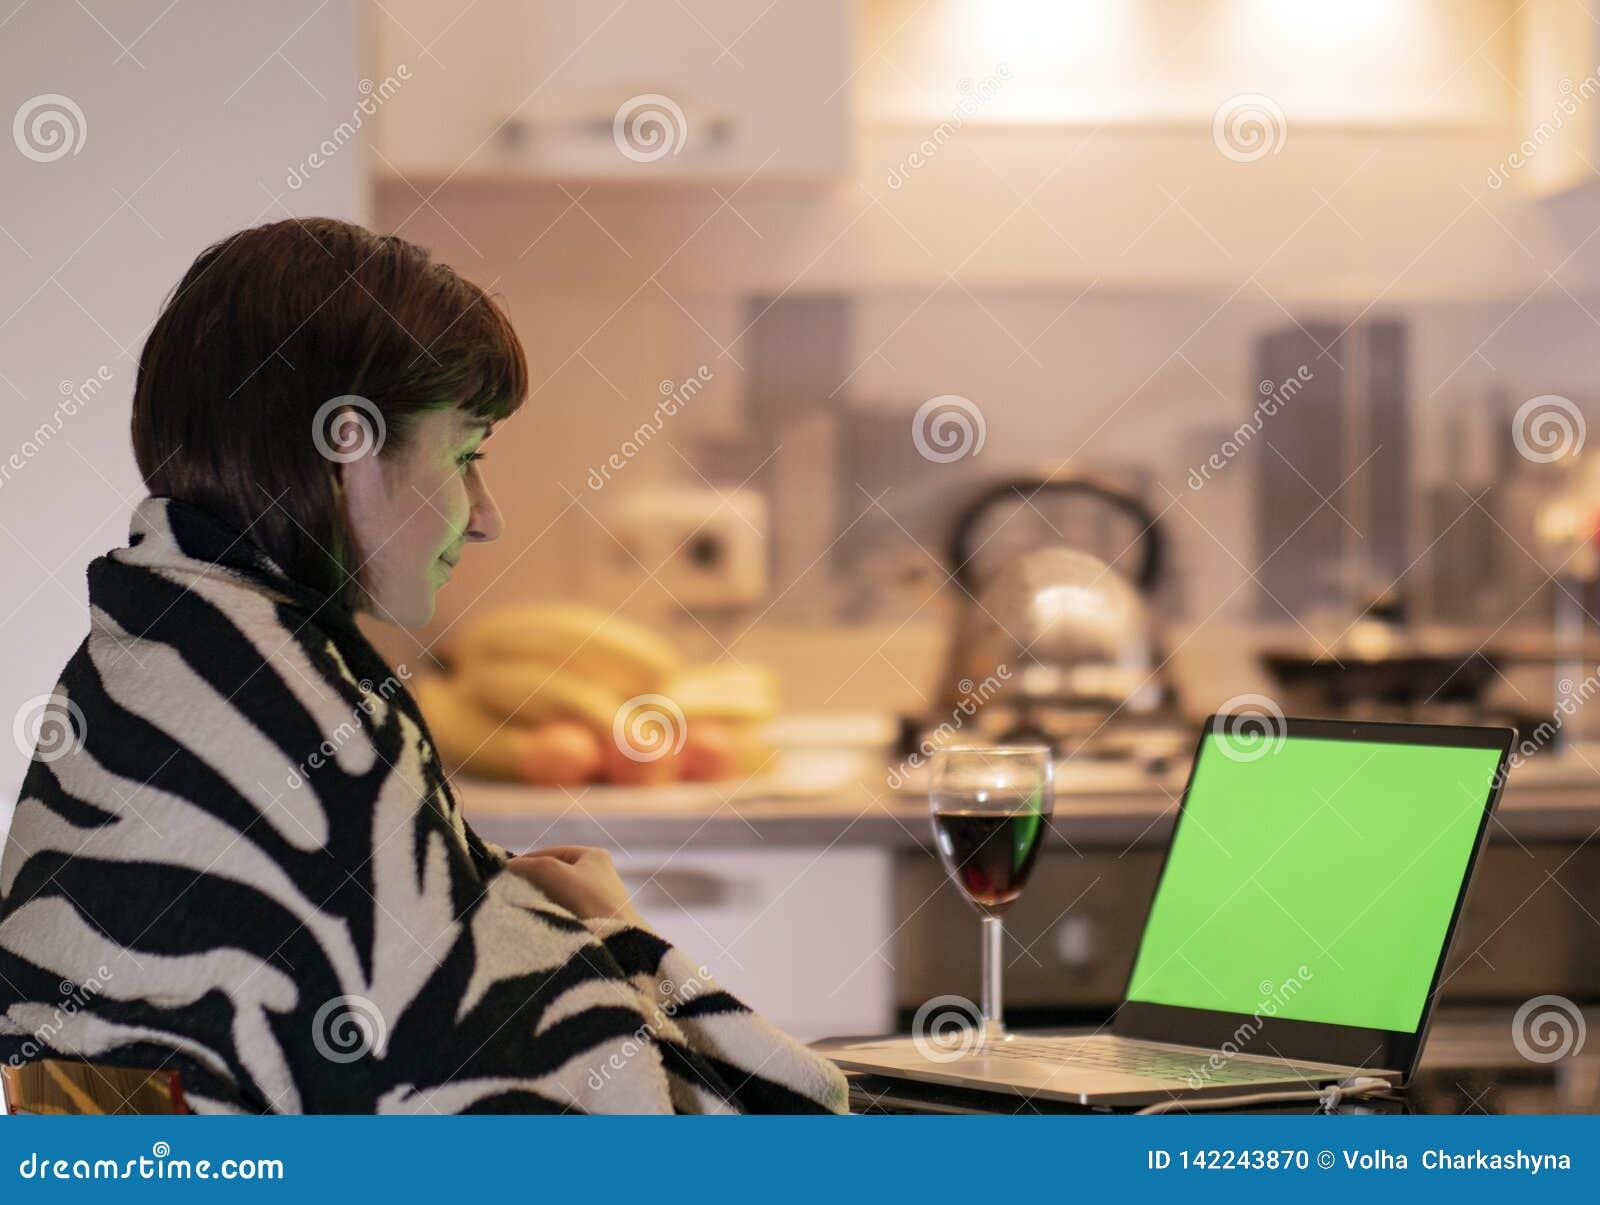 Η γυναίκα κάθεται στην κουζίνα στον πίνακα από το lap-top και με ένα χαμόγελο εξετάζει την οθόνη οργάνων ελέγχου, chromakey